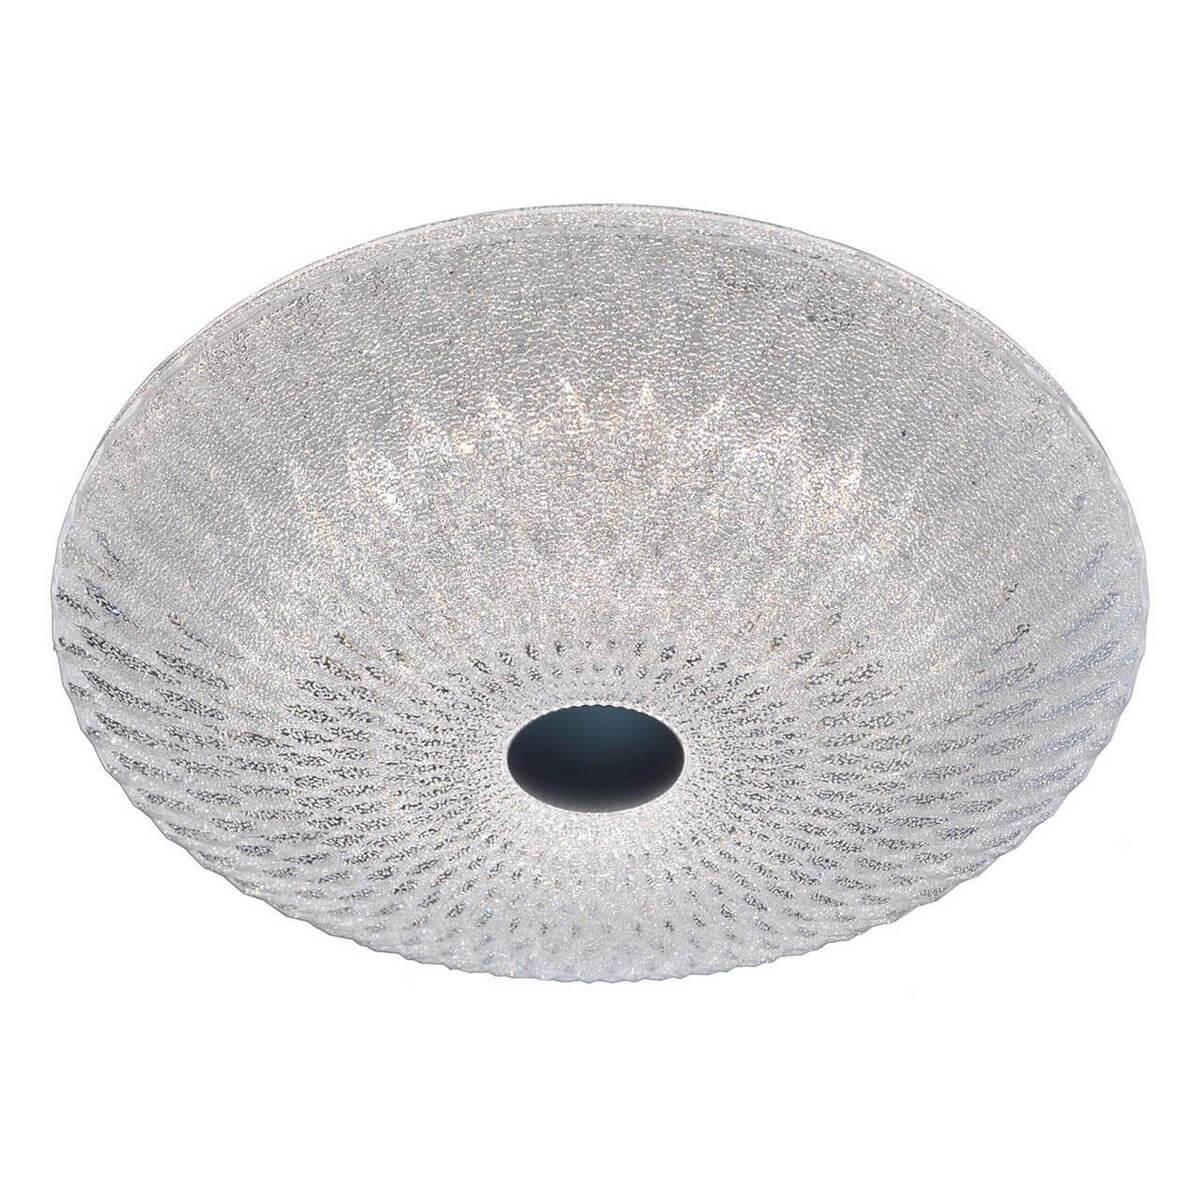 цена на Настенно-потолочный светильник Kink Light 074143, LED, 36 Вт